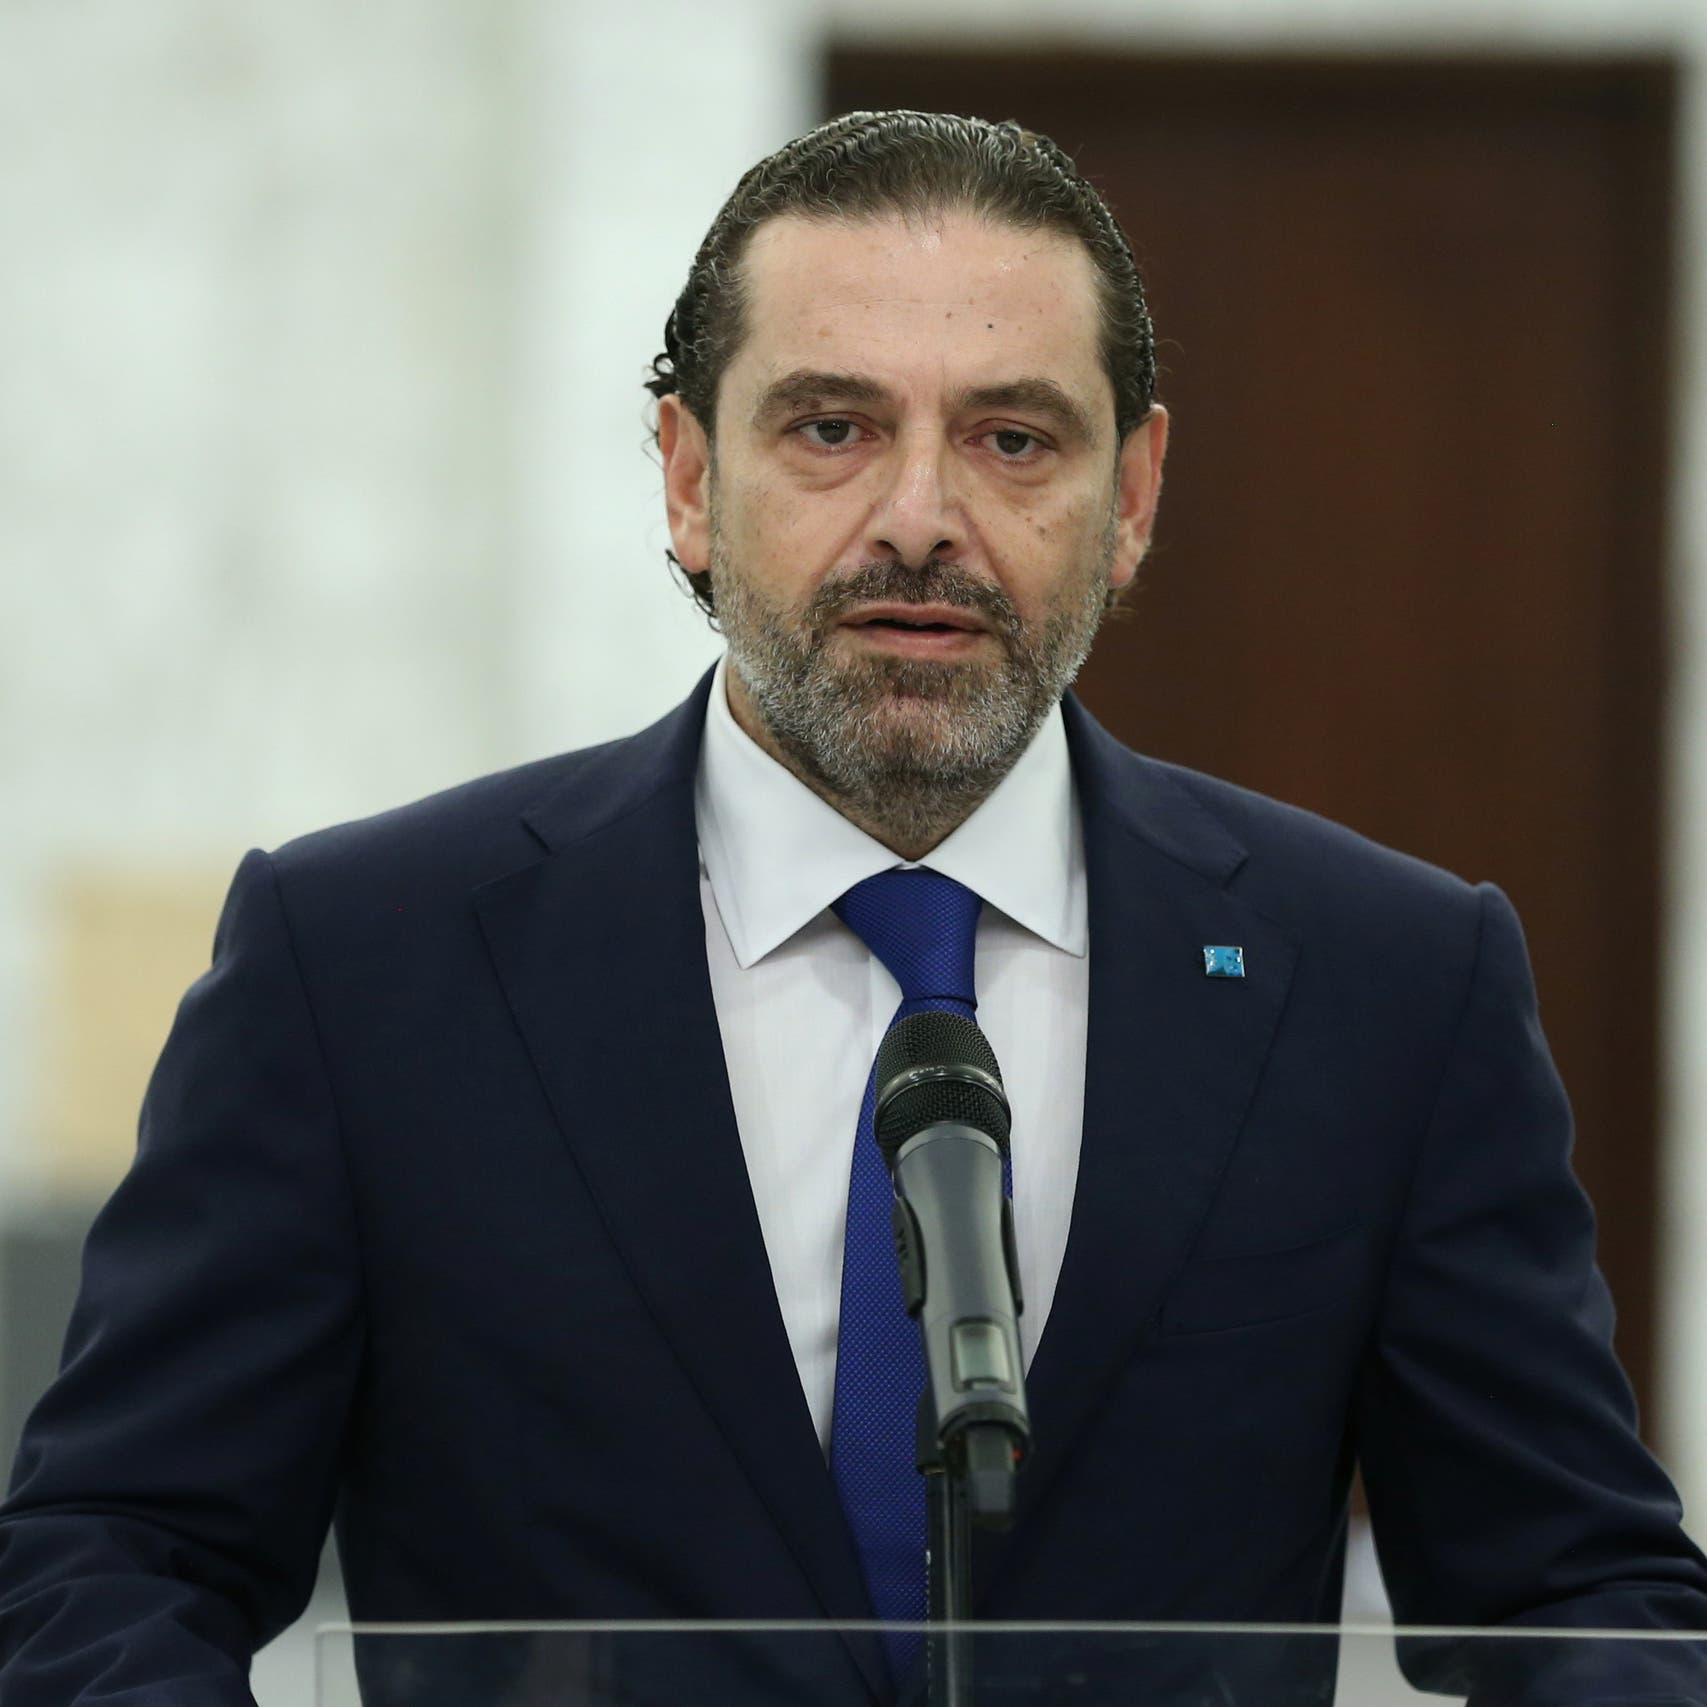 الحريري: الوضع على الحدود خطير جداً وتهديد غير مسبوق